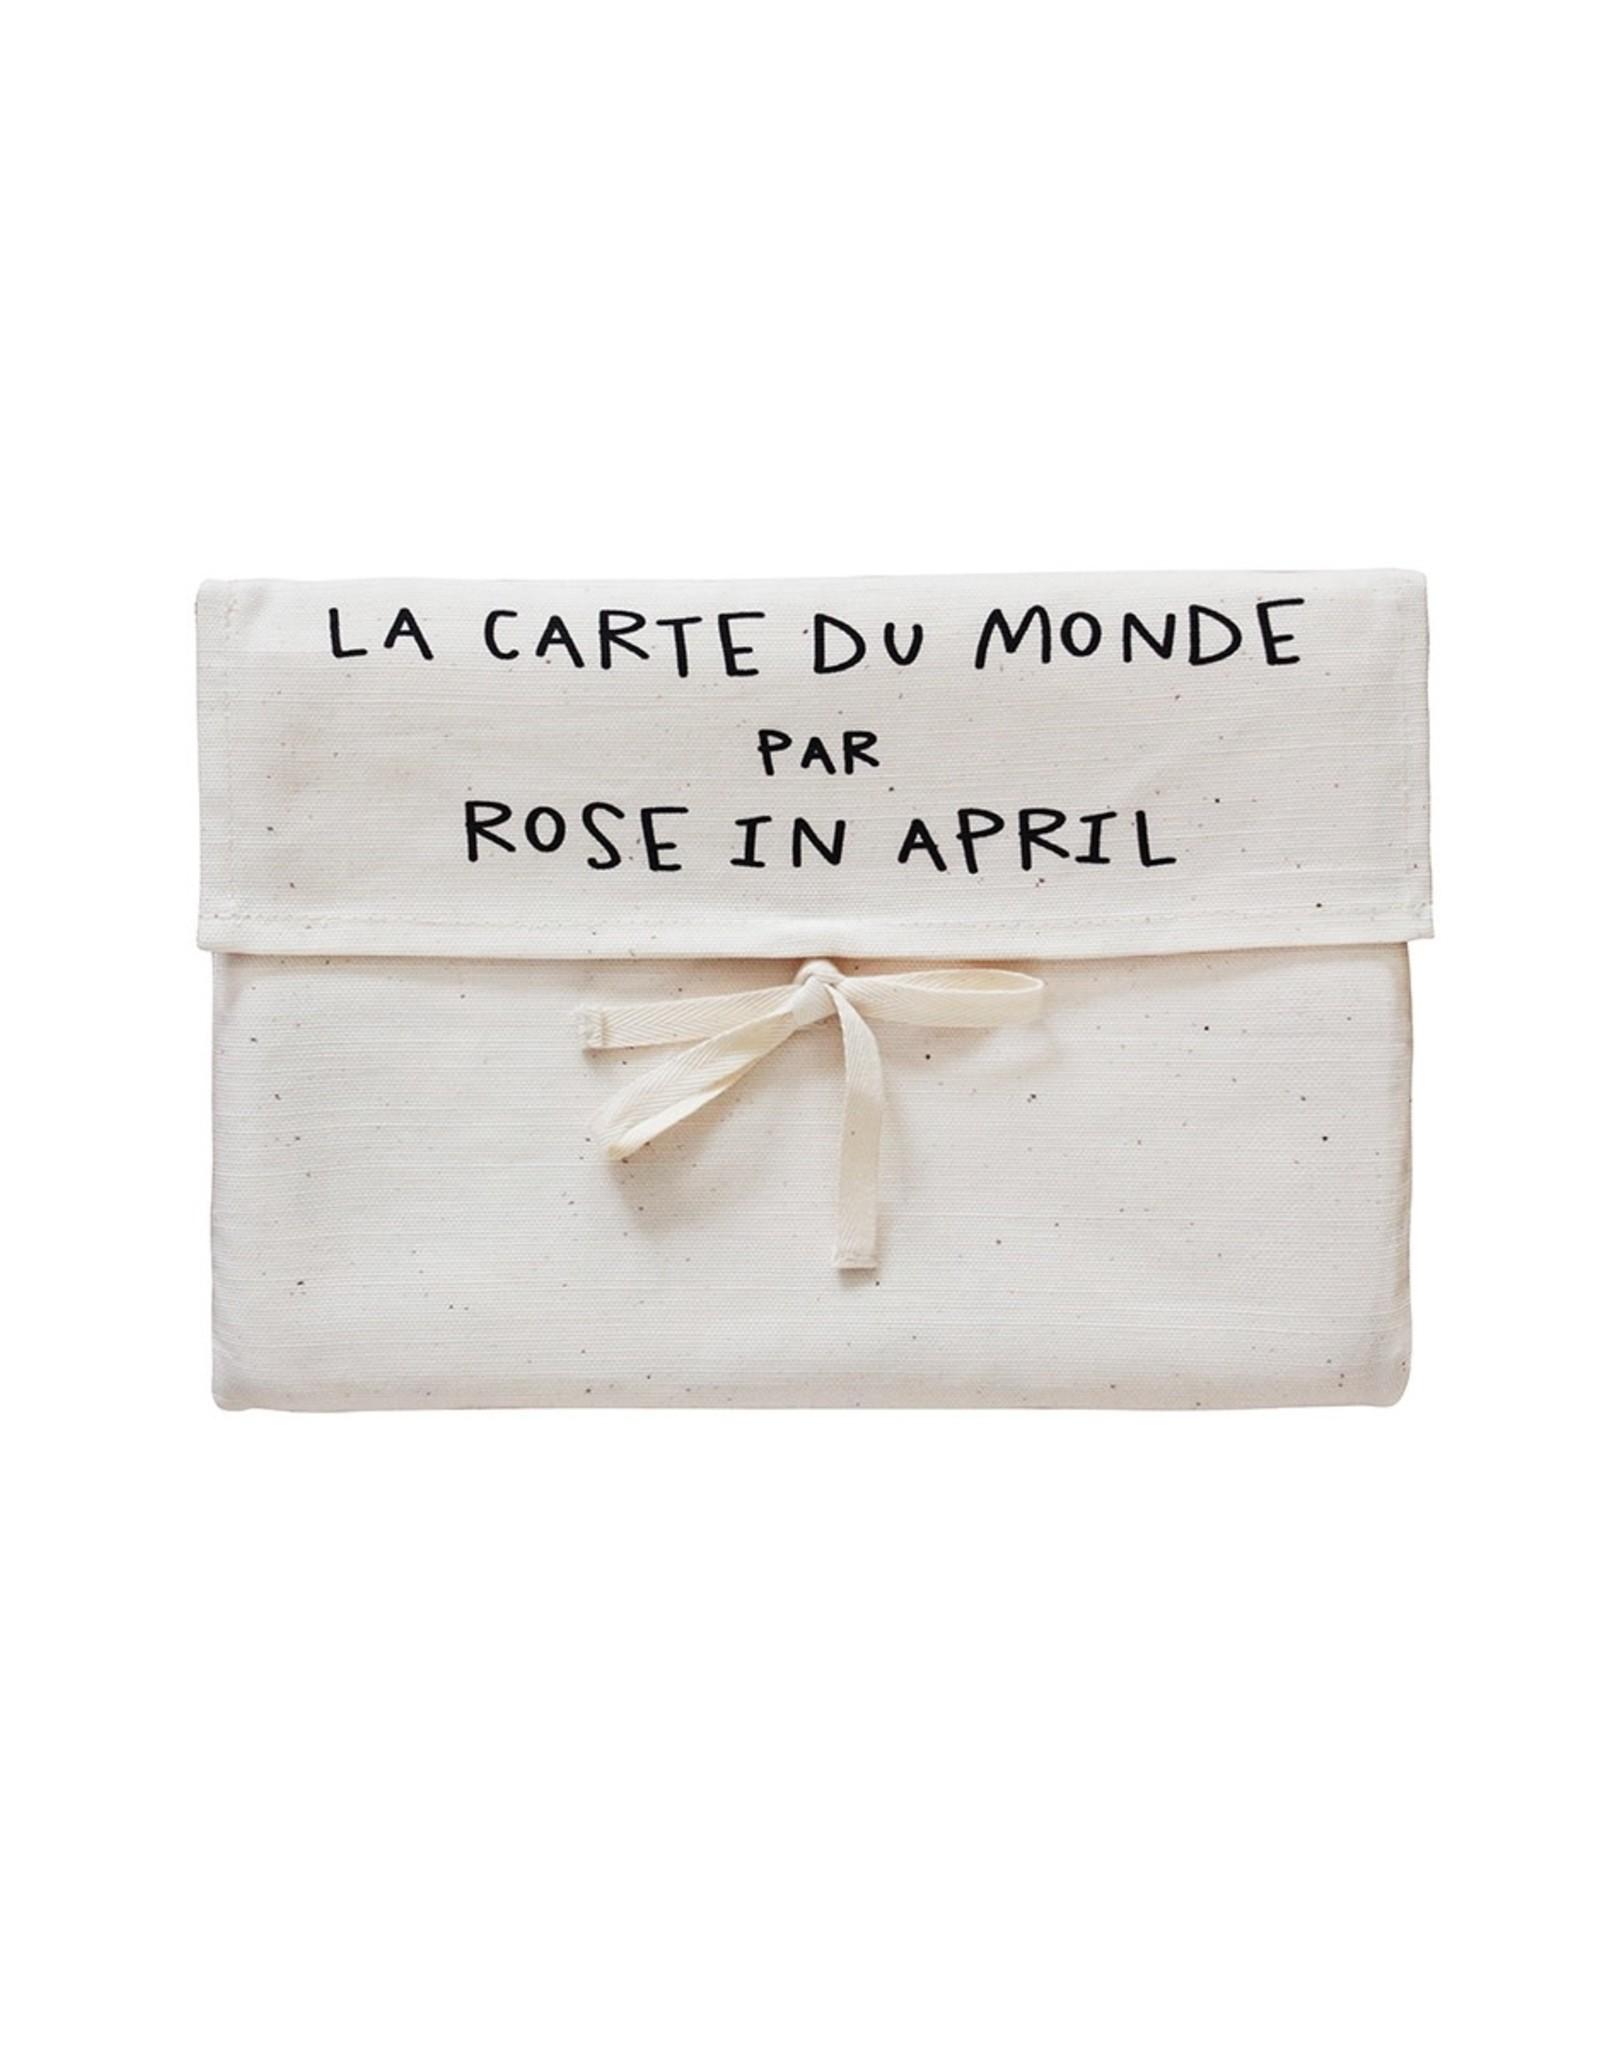 Rose in April La carte du monde par Rose in April